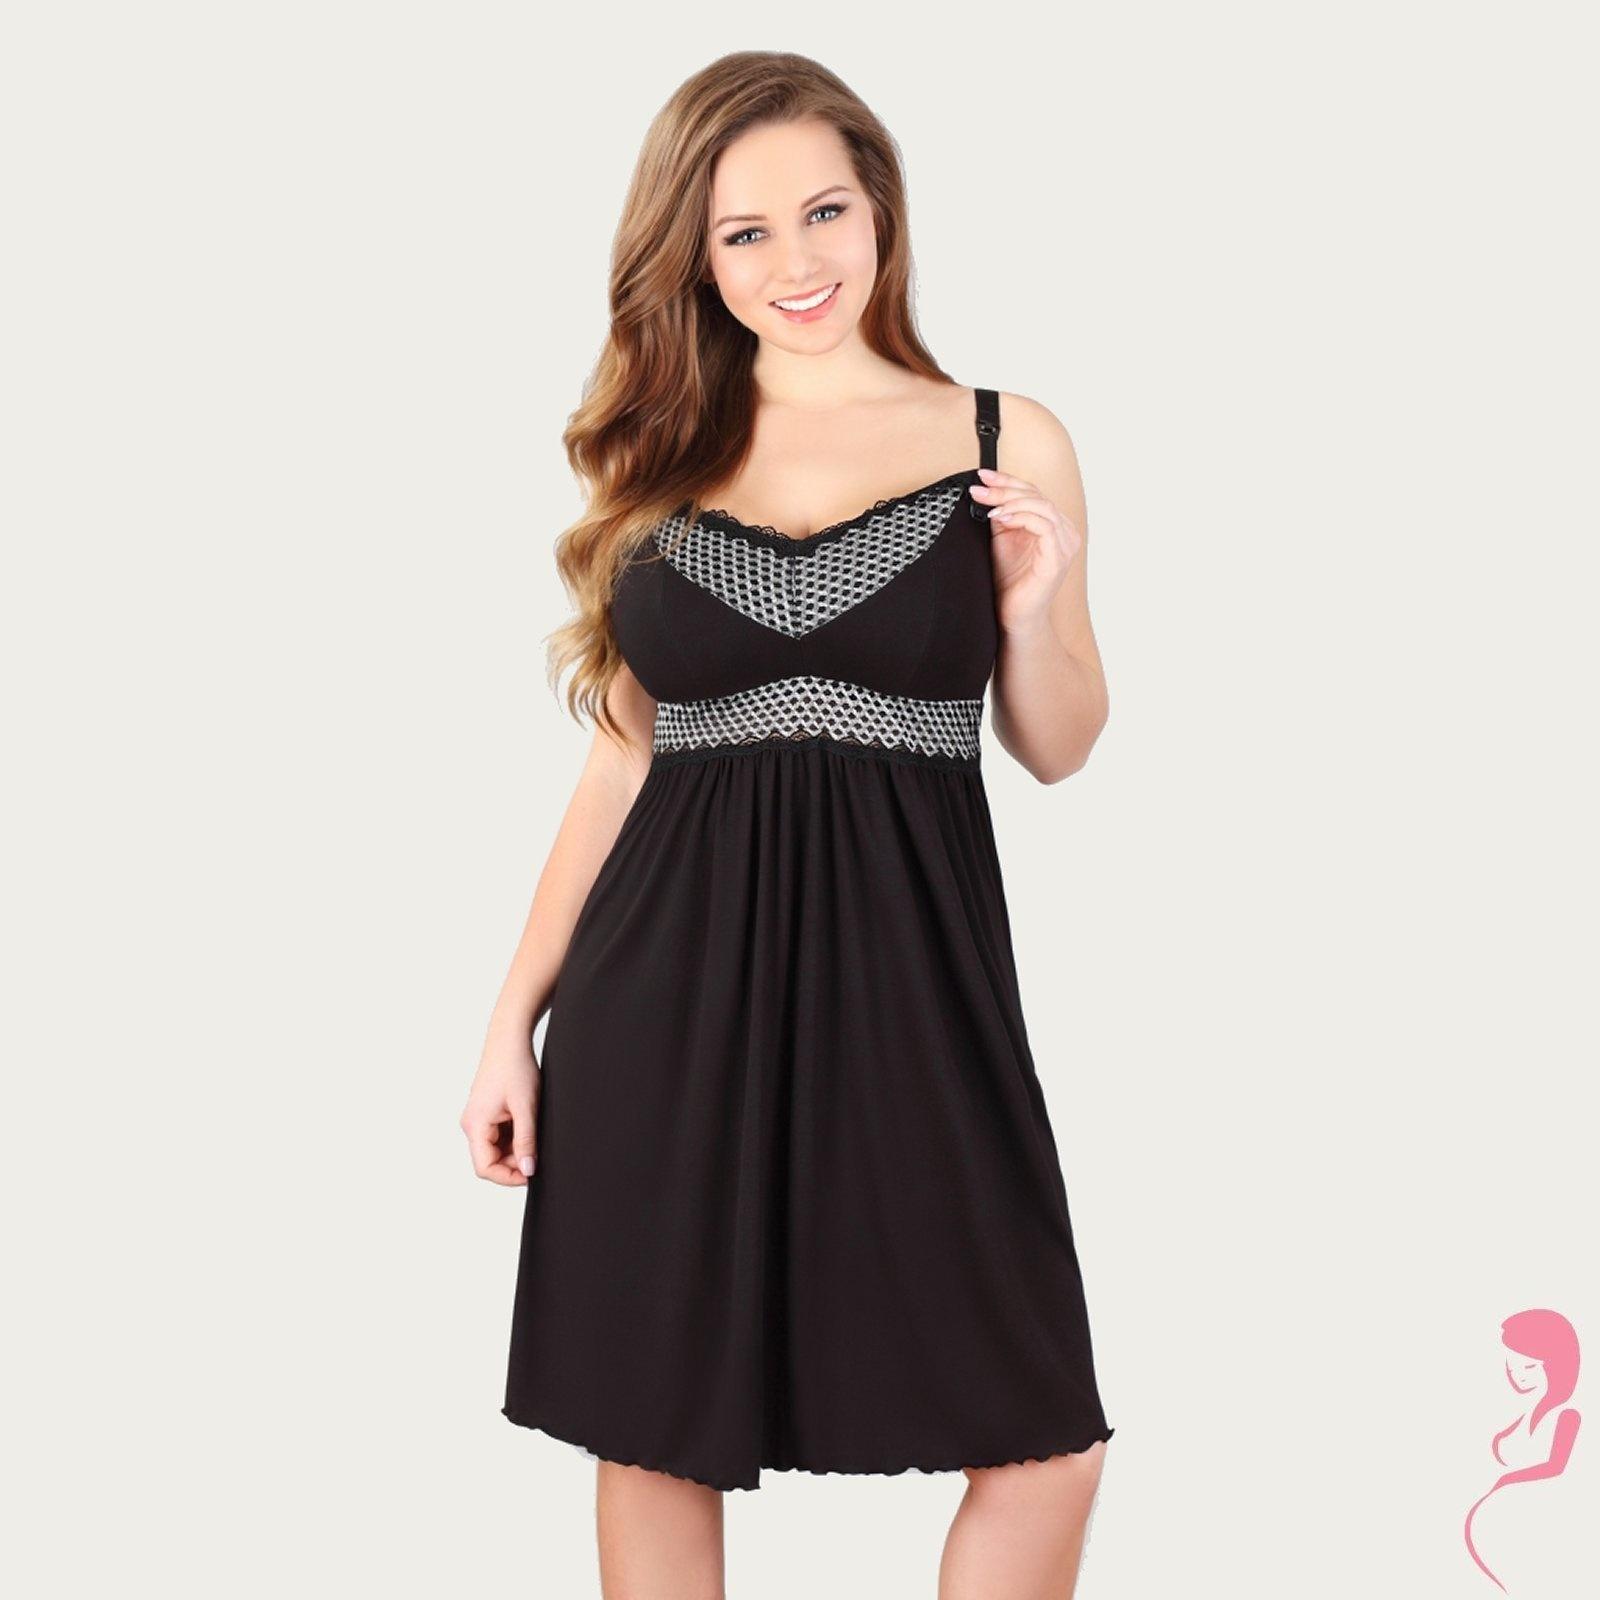 Lupoline Zwangerschapsjurk - Voedingsjurk Beauty Black